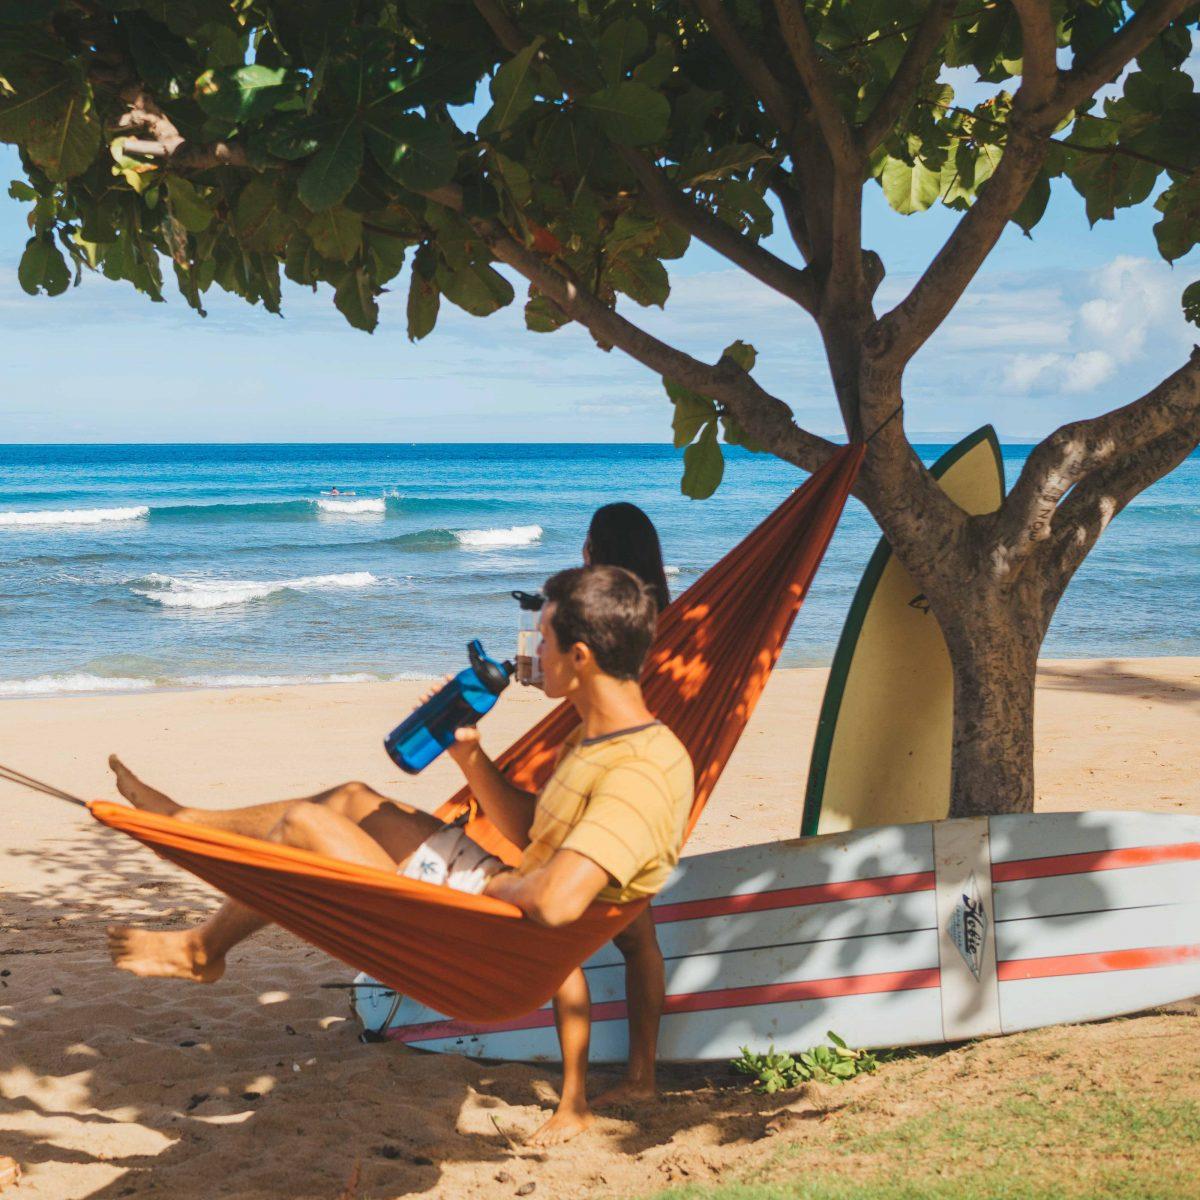 SURF CHILL BEACH HAMMOCK VAN LIFE